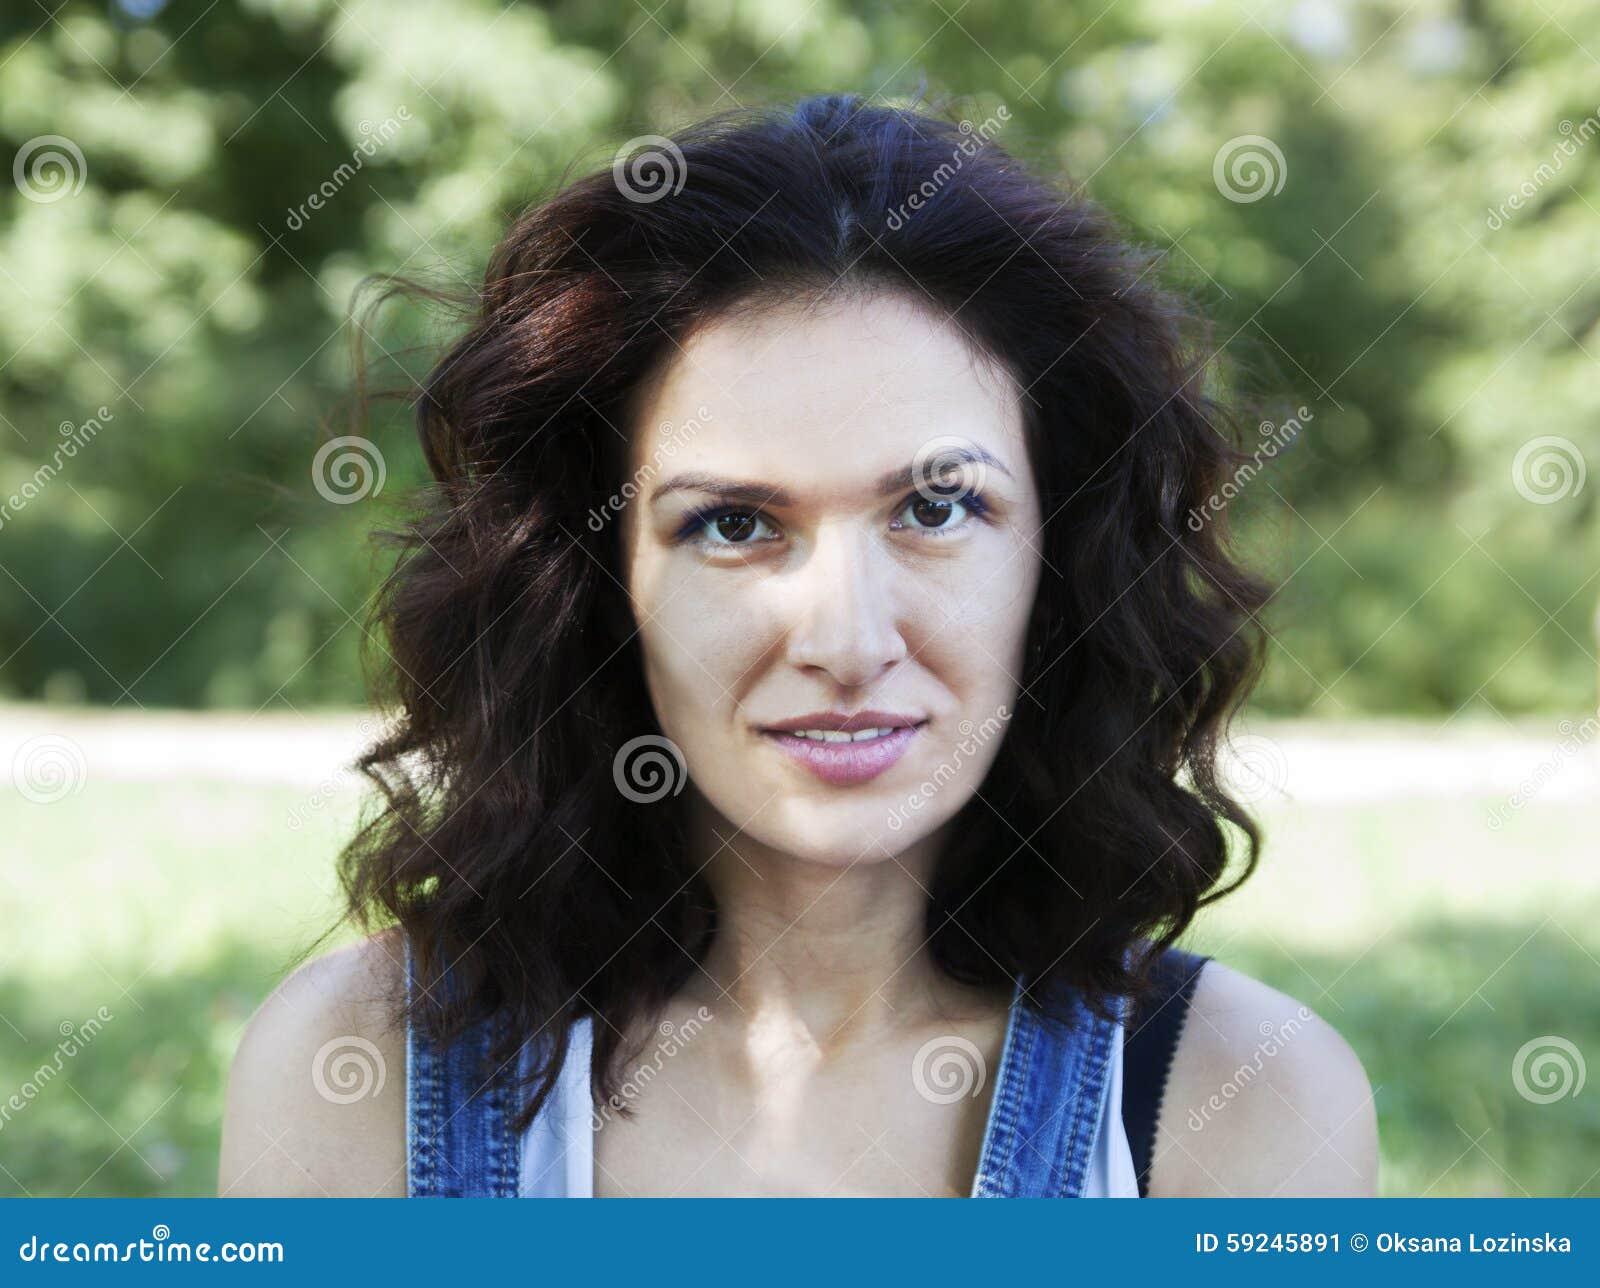 Download Retrato una mujer imagen de archivo. Imagen de felicidad - 59245891